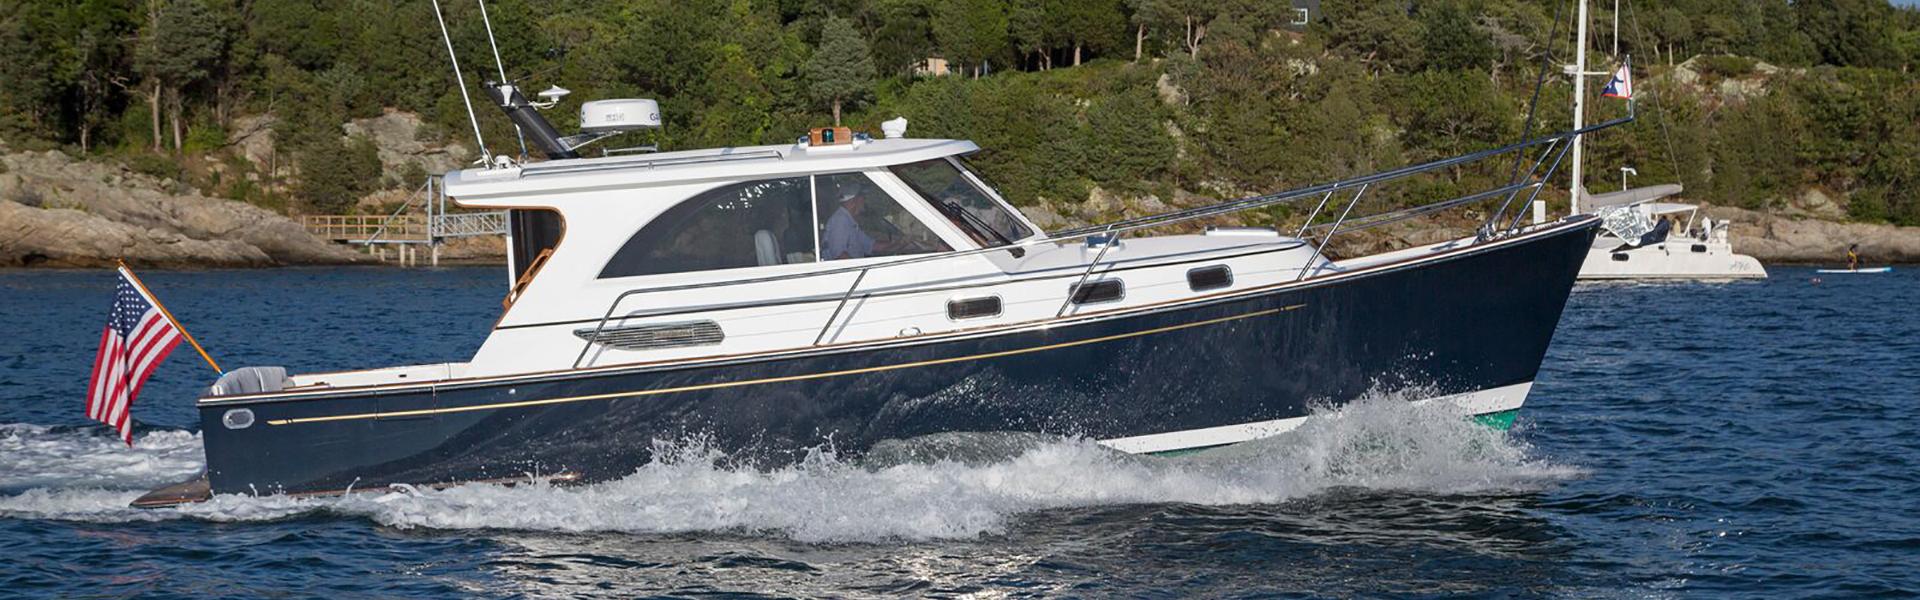 New & Used Boat Sales, Yacht Broker CT, NY, RI, MA